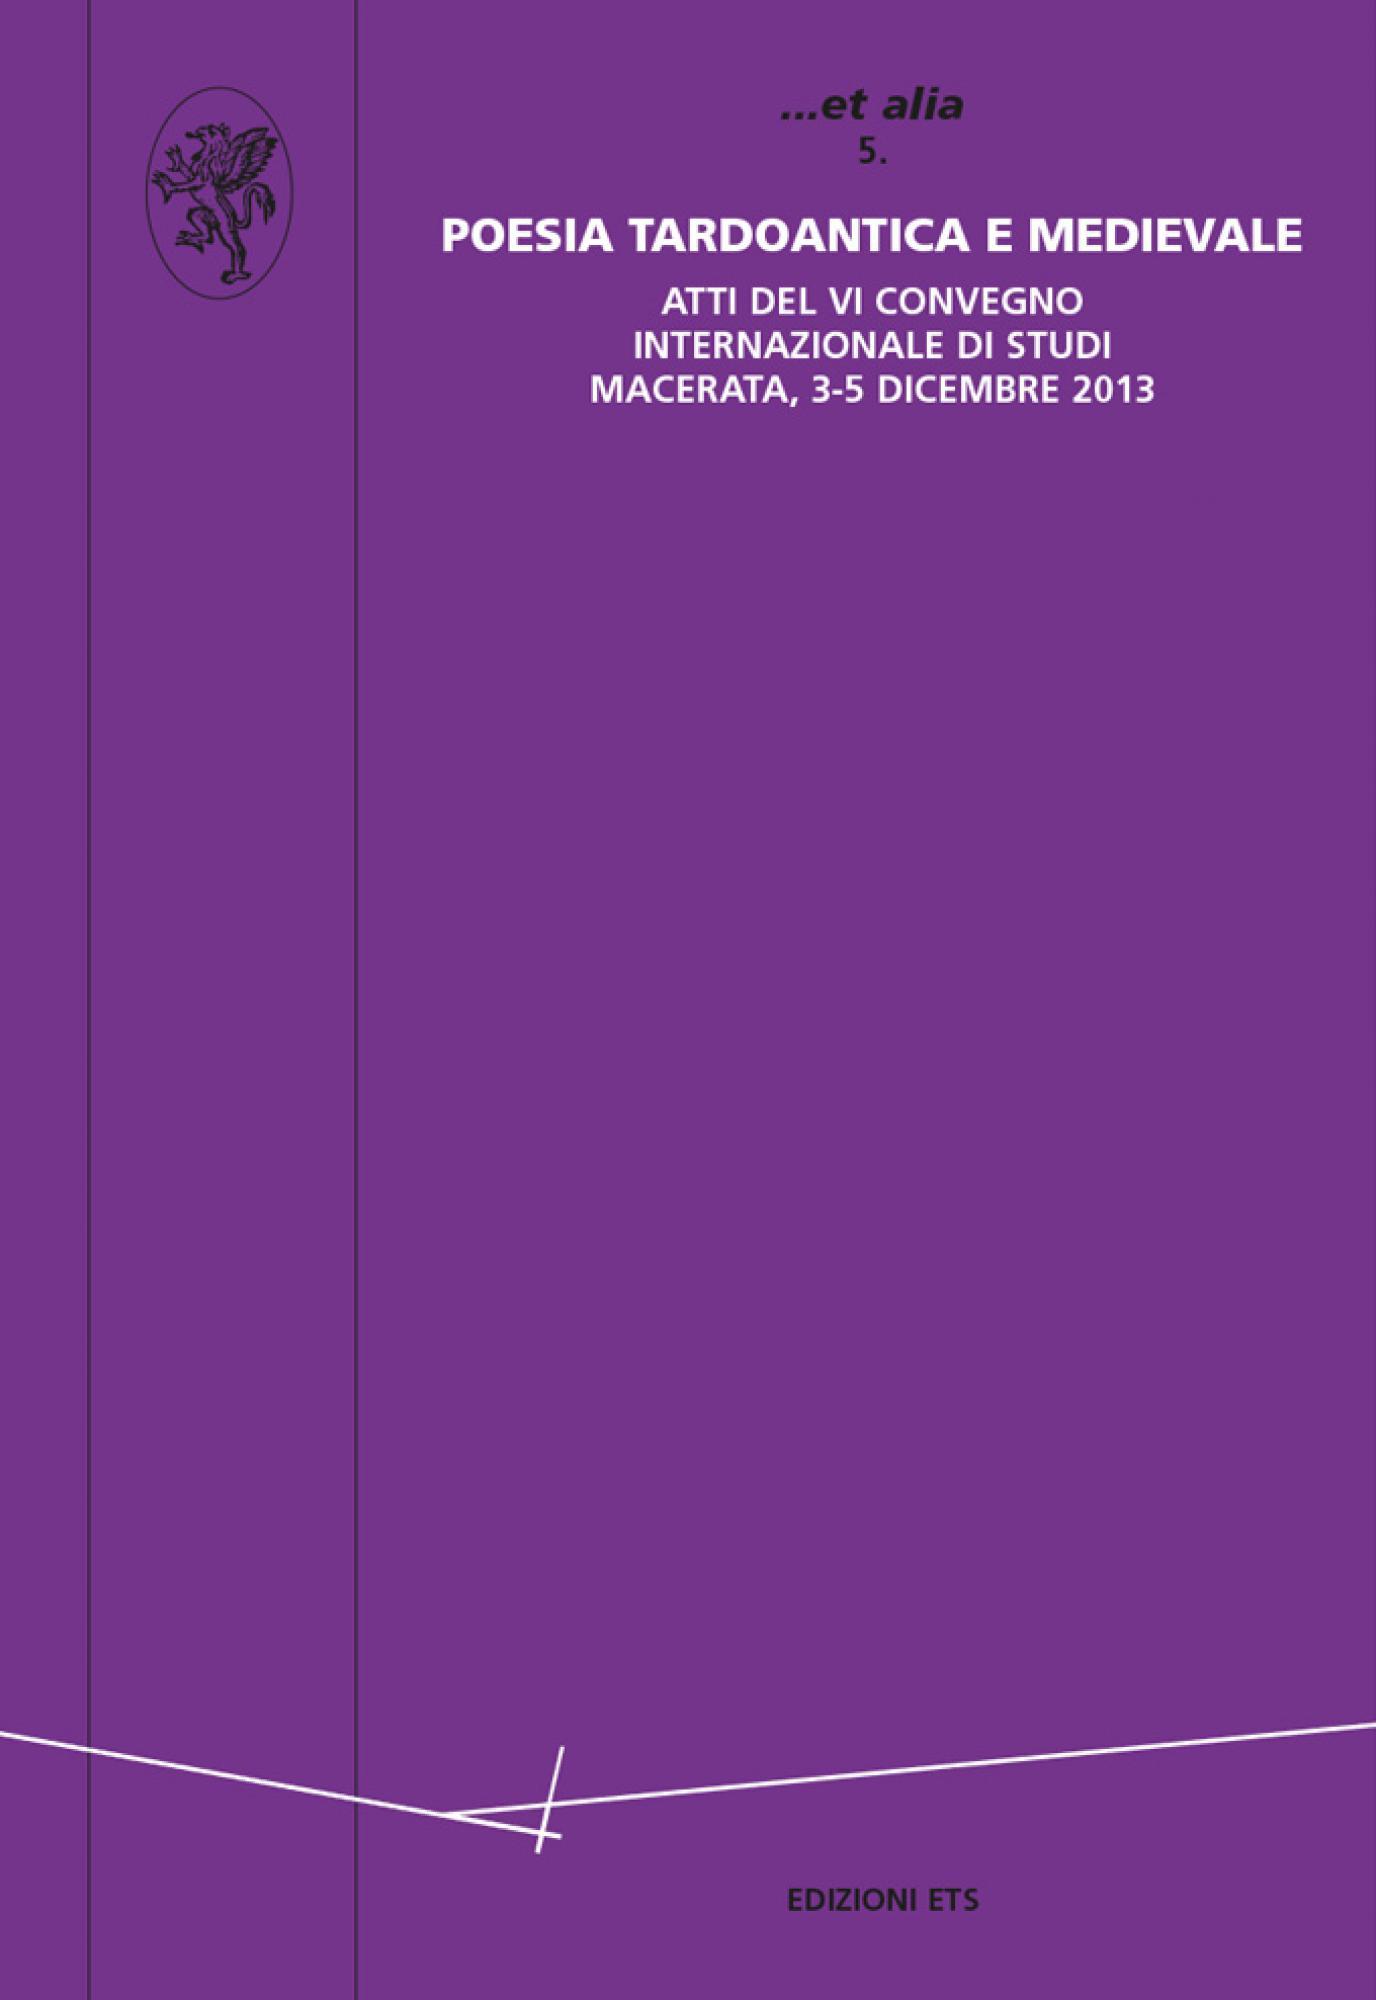 Poesia tardoantica e medievale.Atti del VI Convegno internazionale di studi, Macerata, 3-5 dicembre 2013